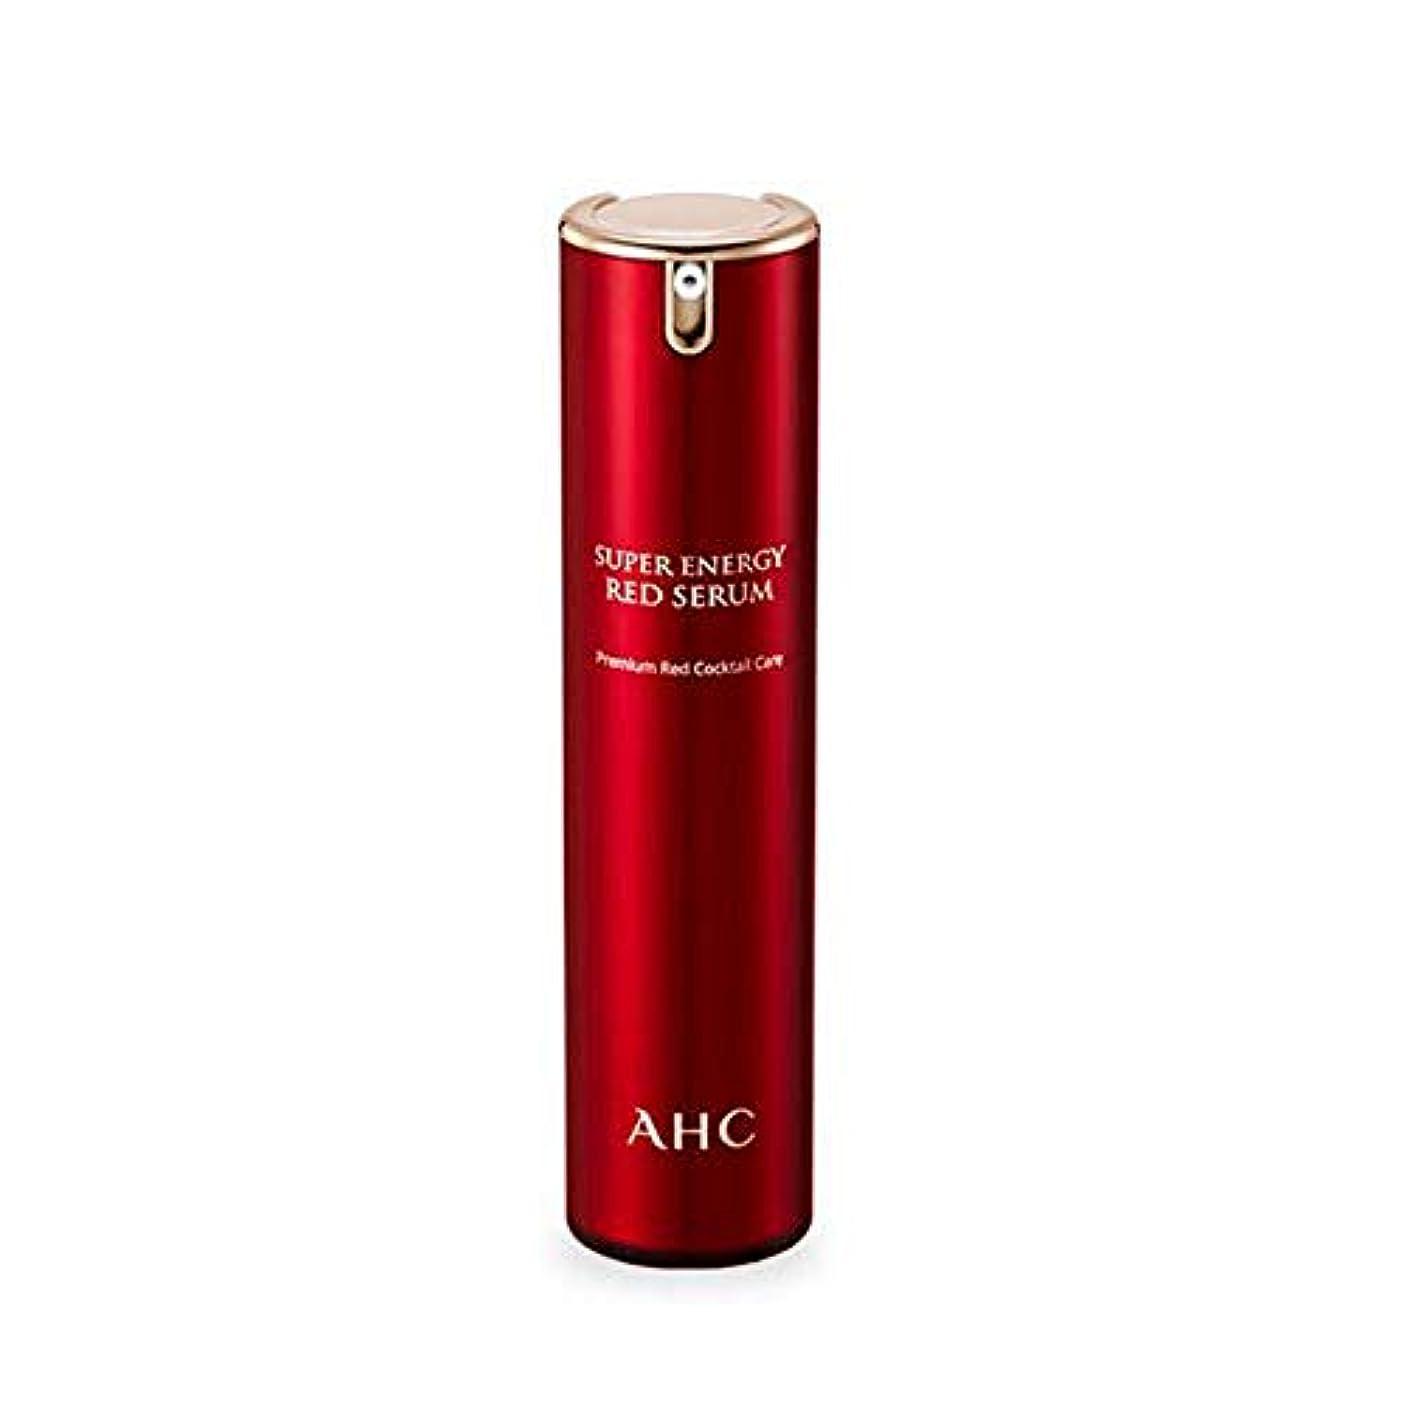 アセ不承認閃光AHC(エーエイチシー) スーパーエナジーレッドセラム50ml